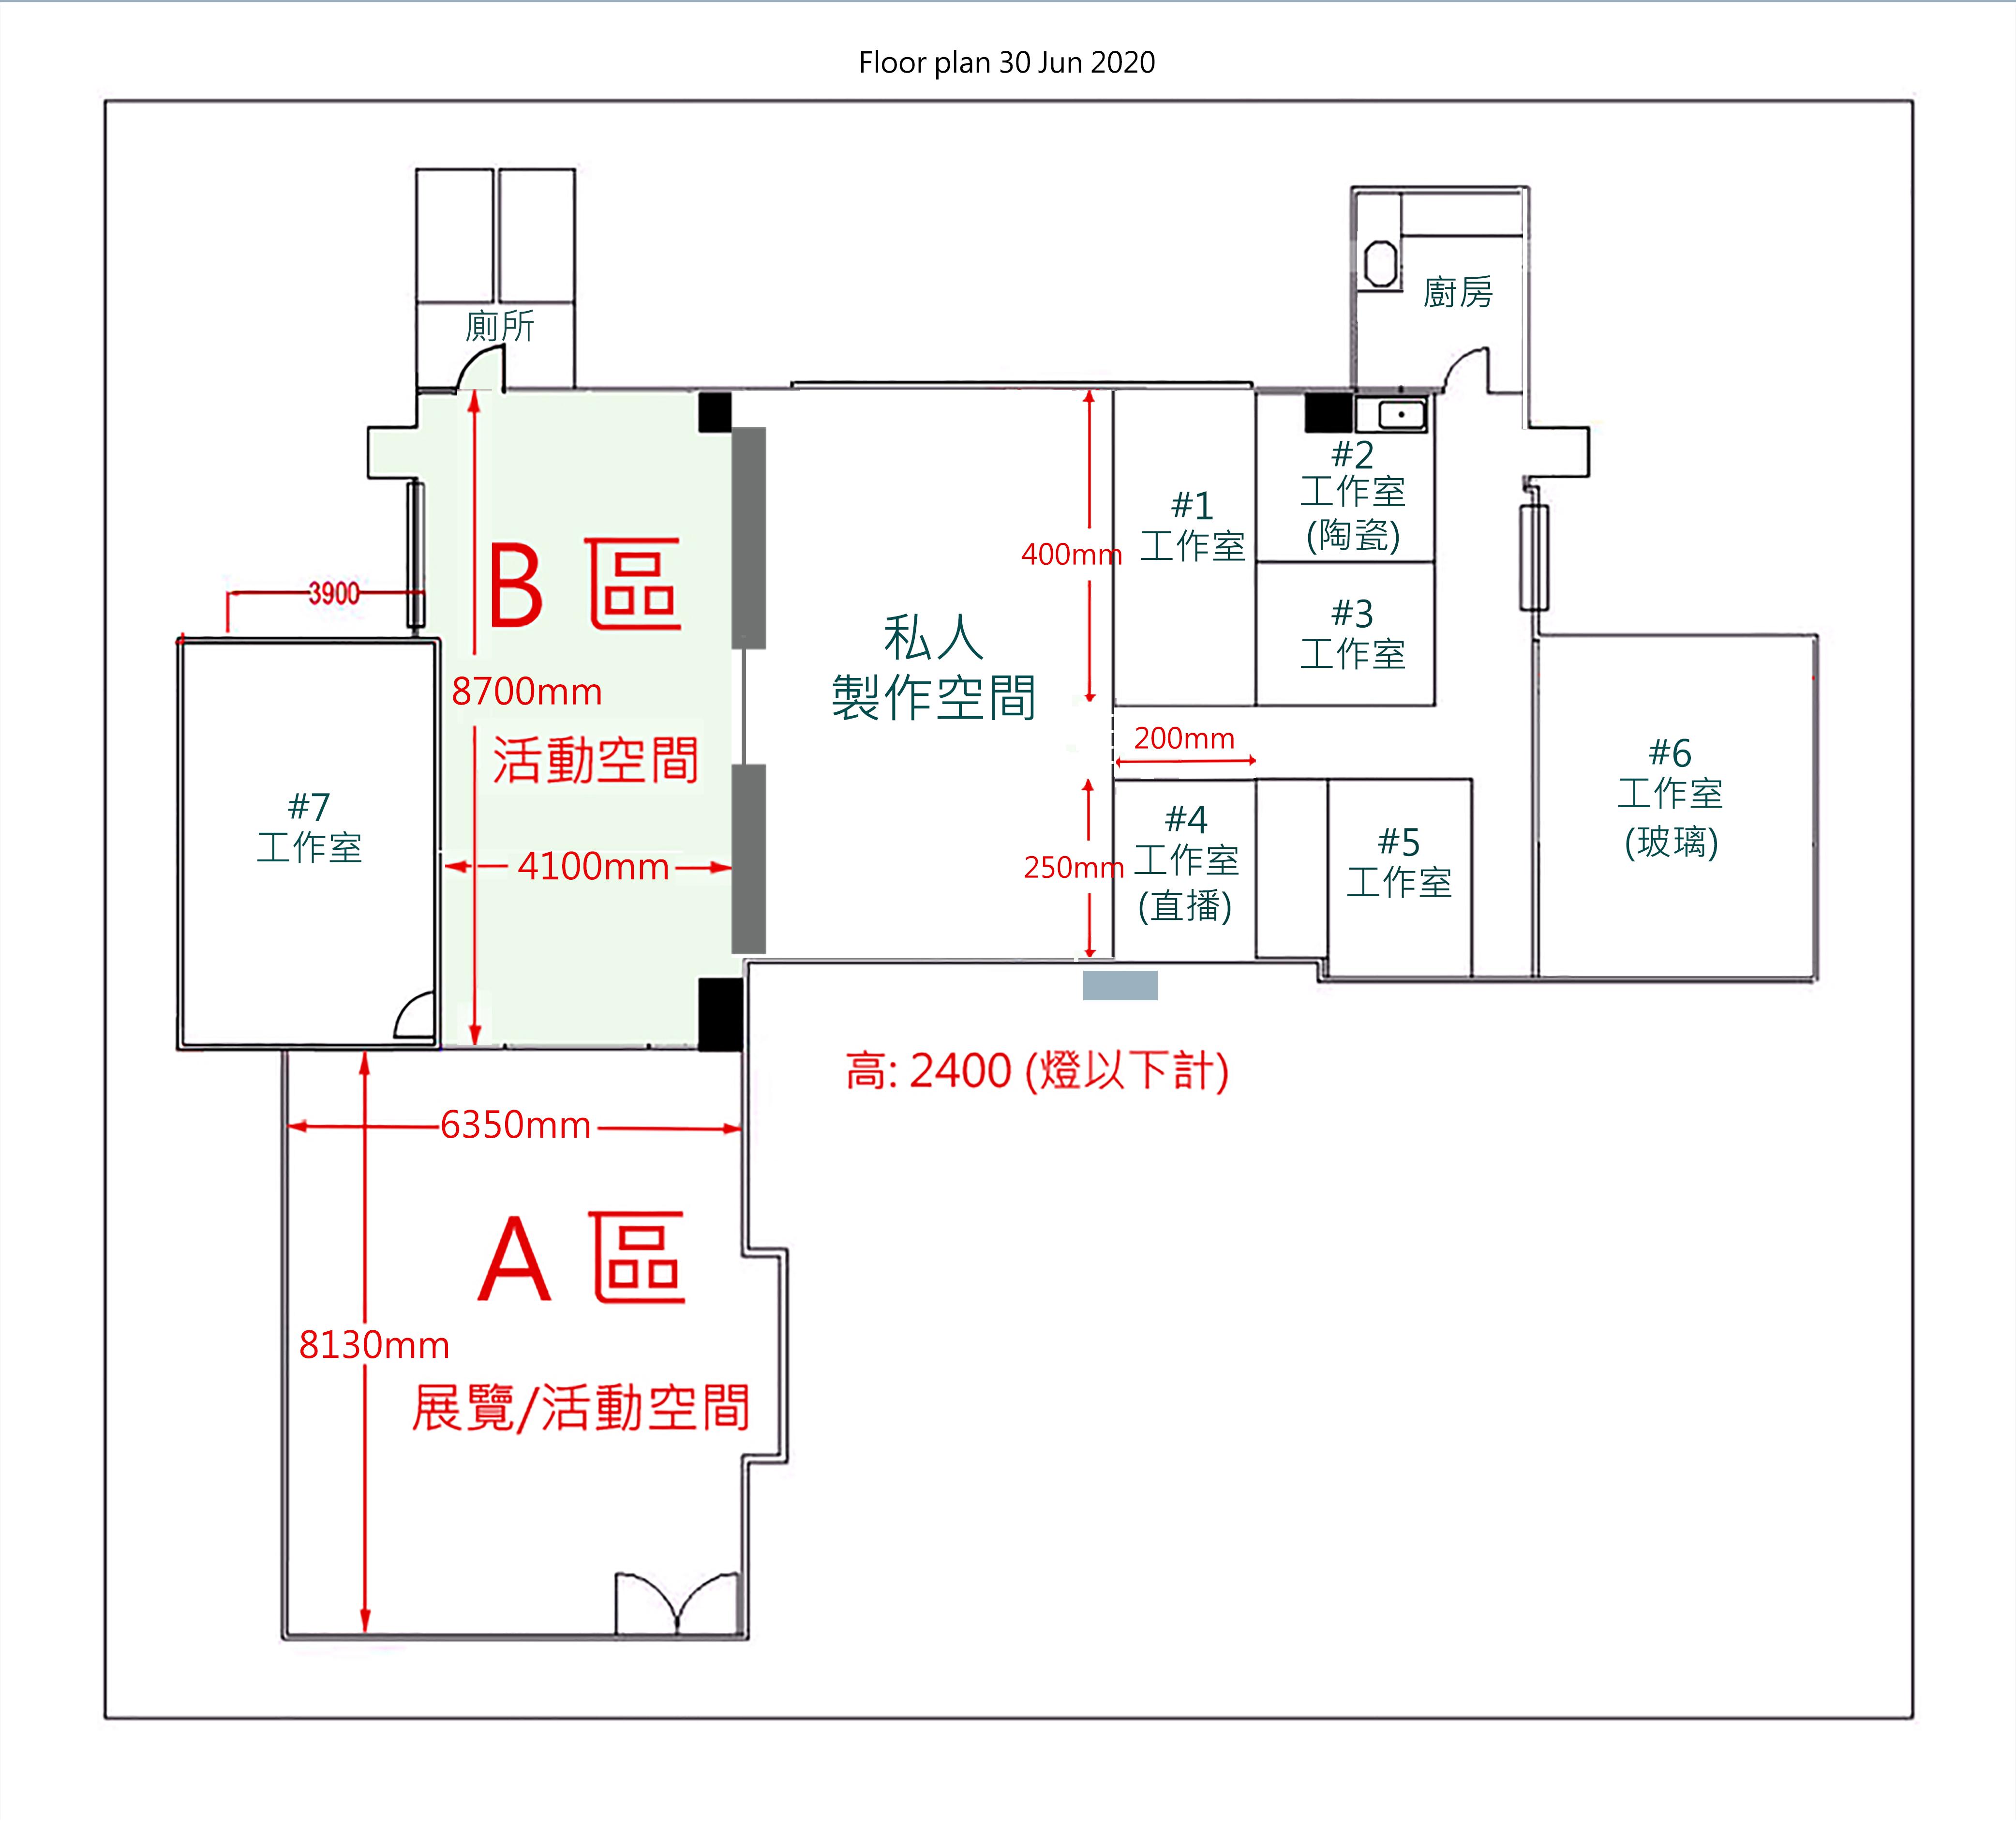 平面圖 Floor Plan